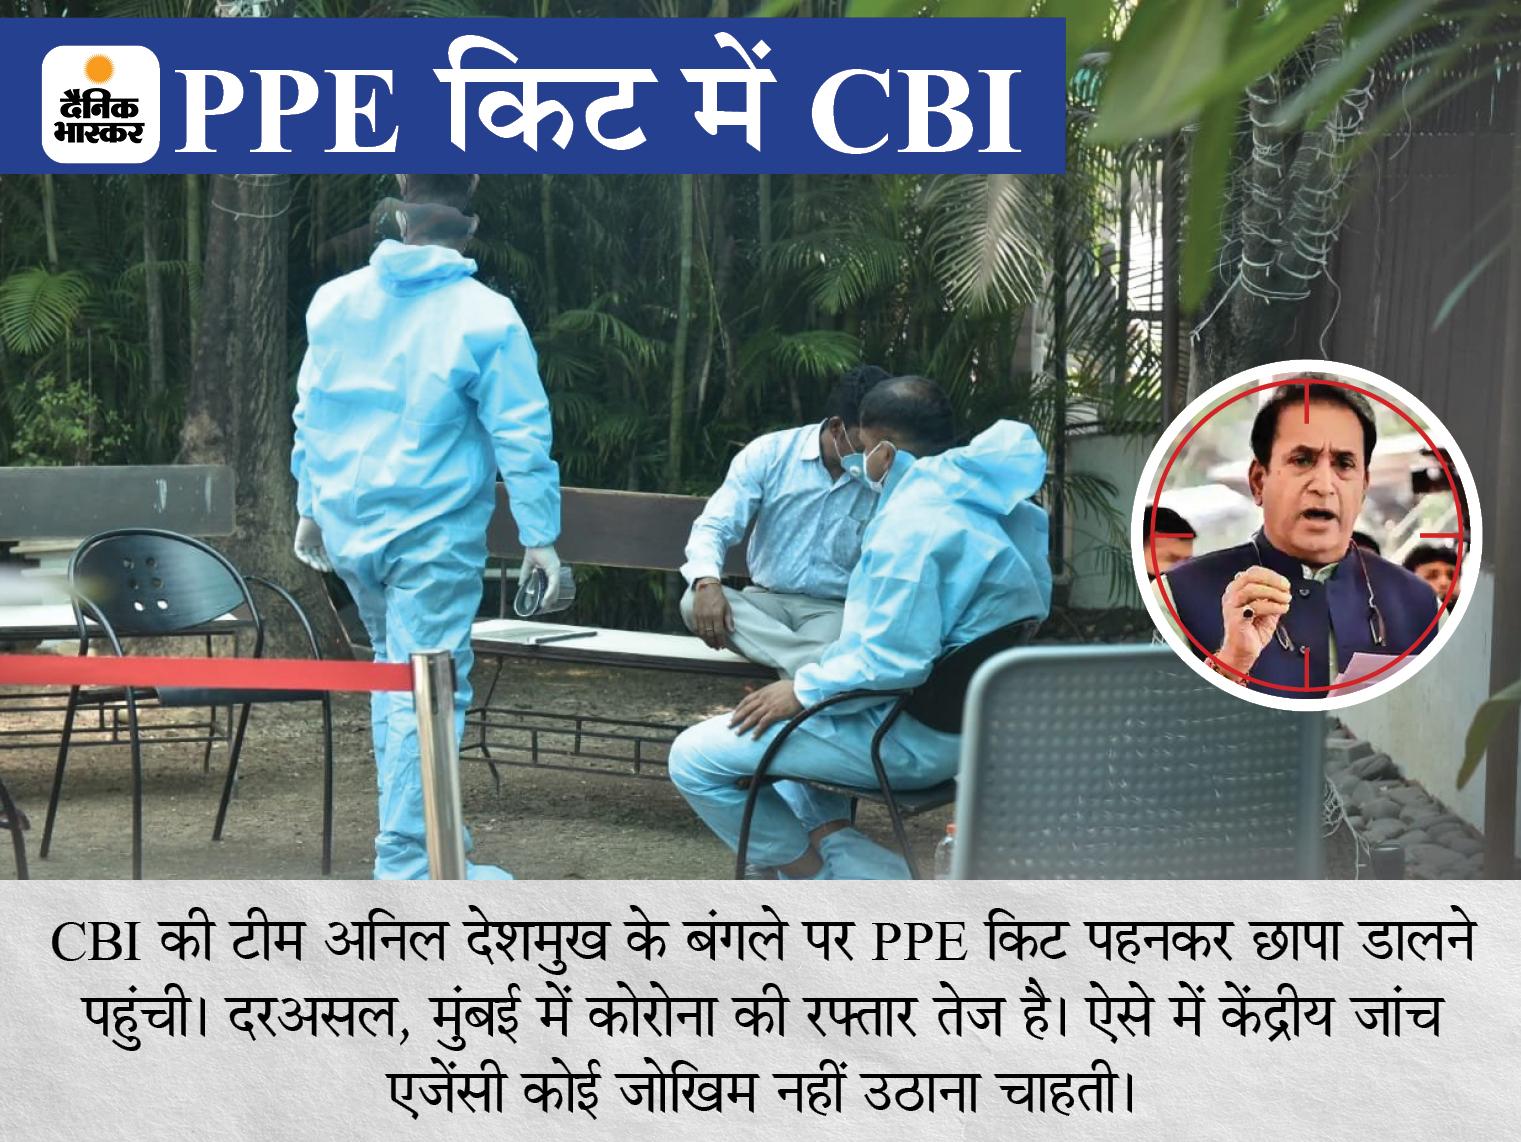 FIR दर्ज करने के बाद CBI ने अनिल देशमुख से 10 घंटे पूछताछ की, नागपुर वाले घर से हार्ड डिस्क और कागजात जब्त|महाराष्ट्र,Maharashtra - Dainik Bhaskar